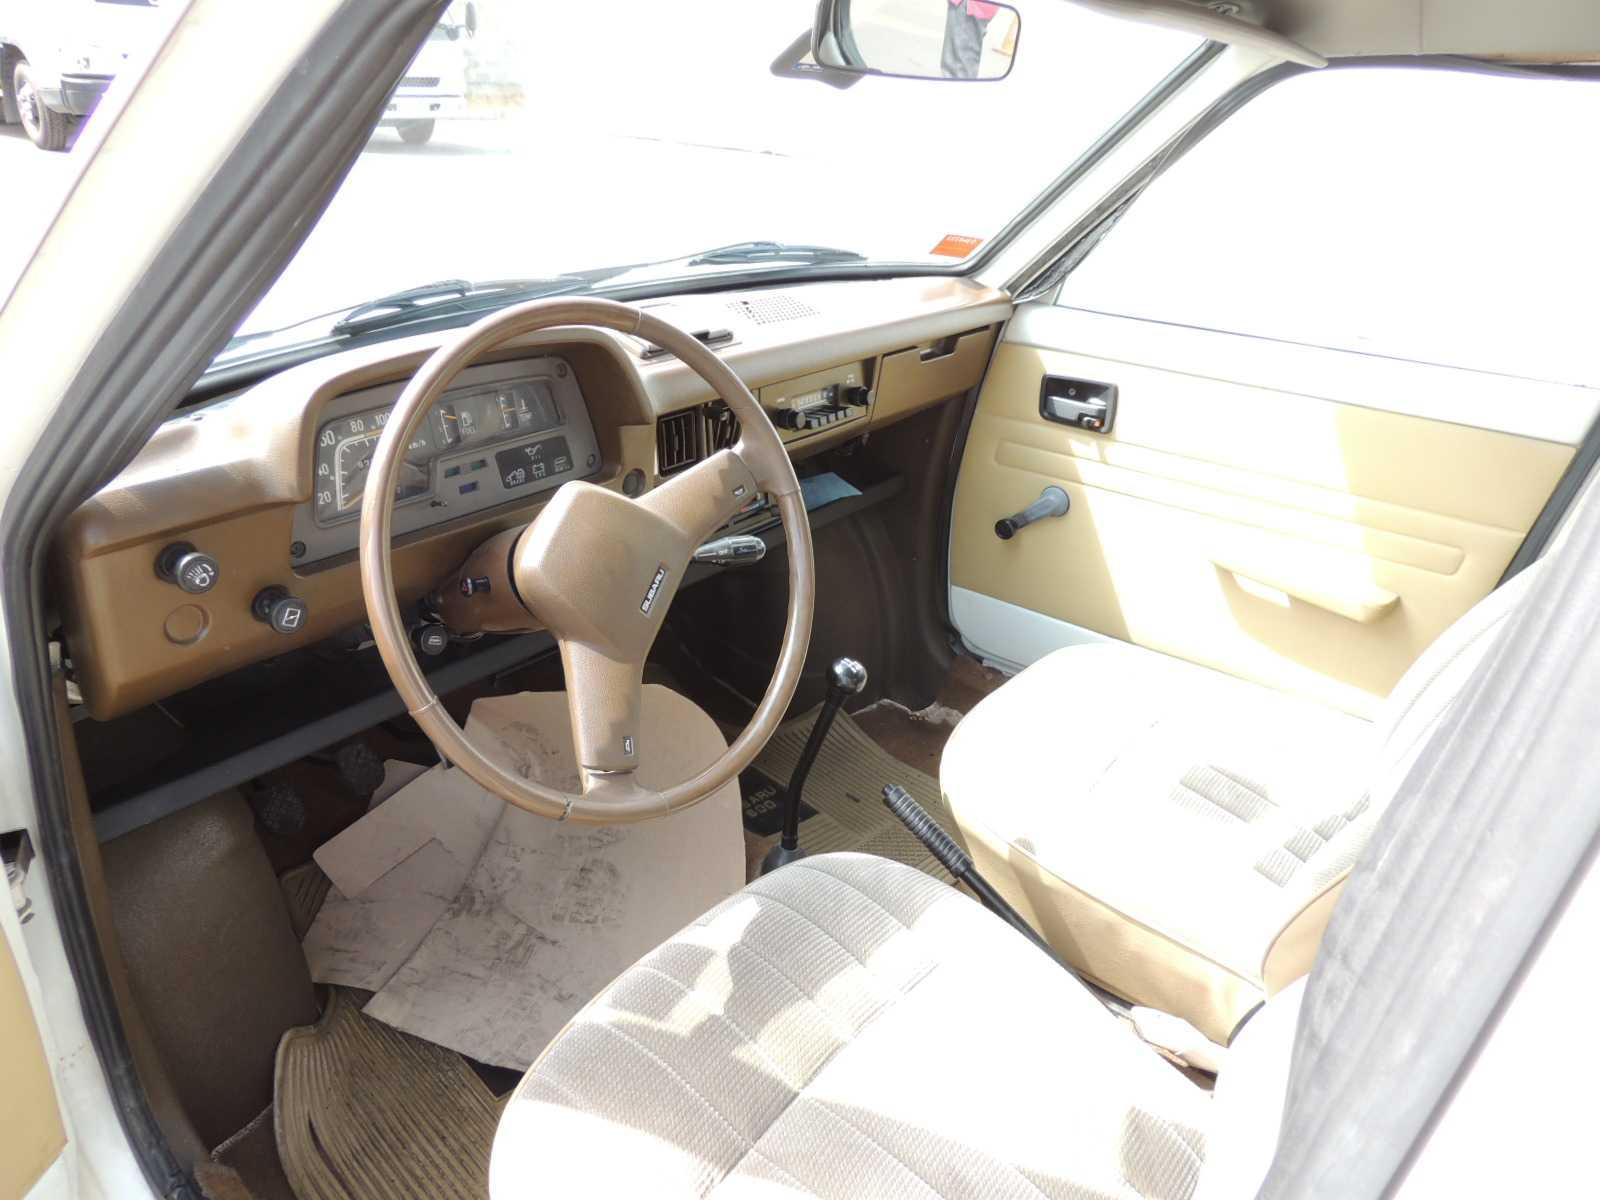 Subaru REX 600 Autos con Historia Rutamotor (24)